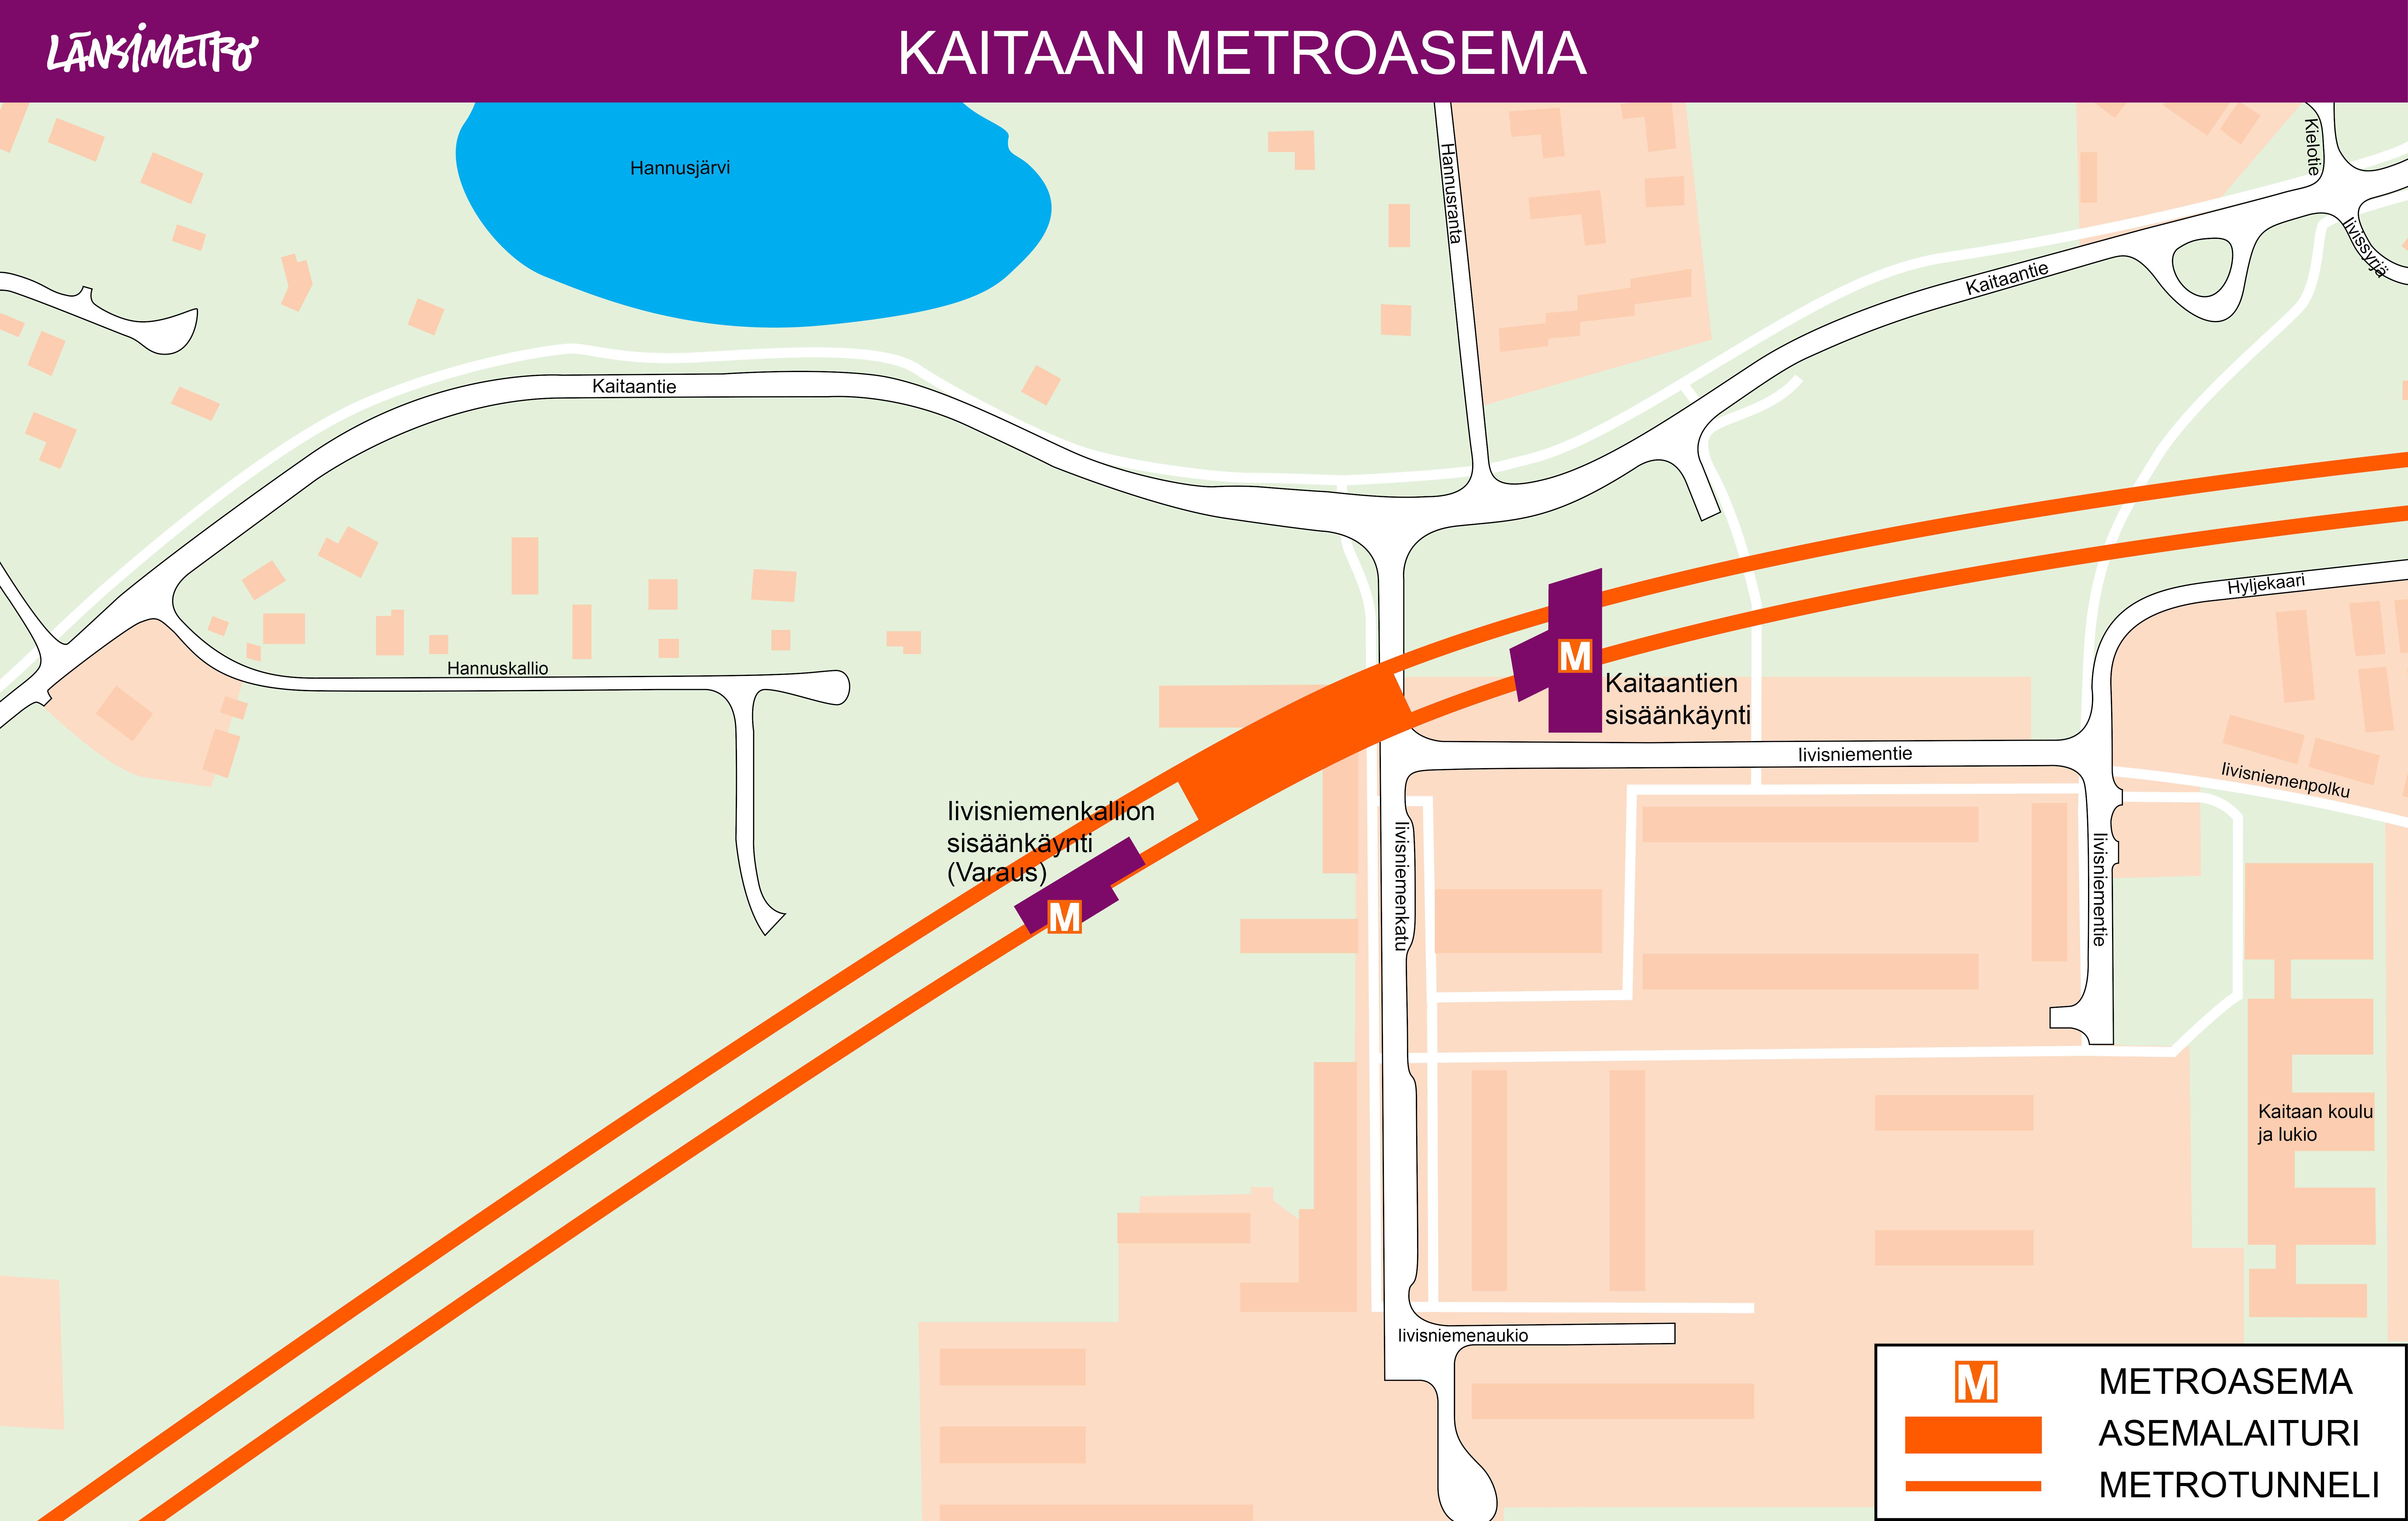 Kaitaan metroaseman sisäänkäynti on Kaitaantien sisäänkäynti, joka sijaitsee Kaitaantien, Iivisniemenkadun ja Iivisniemen välisellä alueella. Metroasemalle on myös varauksena Iivisniemenkallion sisäänkäynti. Iivisniemenkallion sisäänkäyntivaraus on asemalaiturin länsipuolella, Hannuskallio-tiellä.